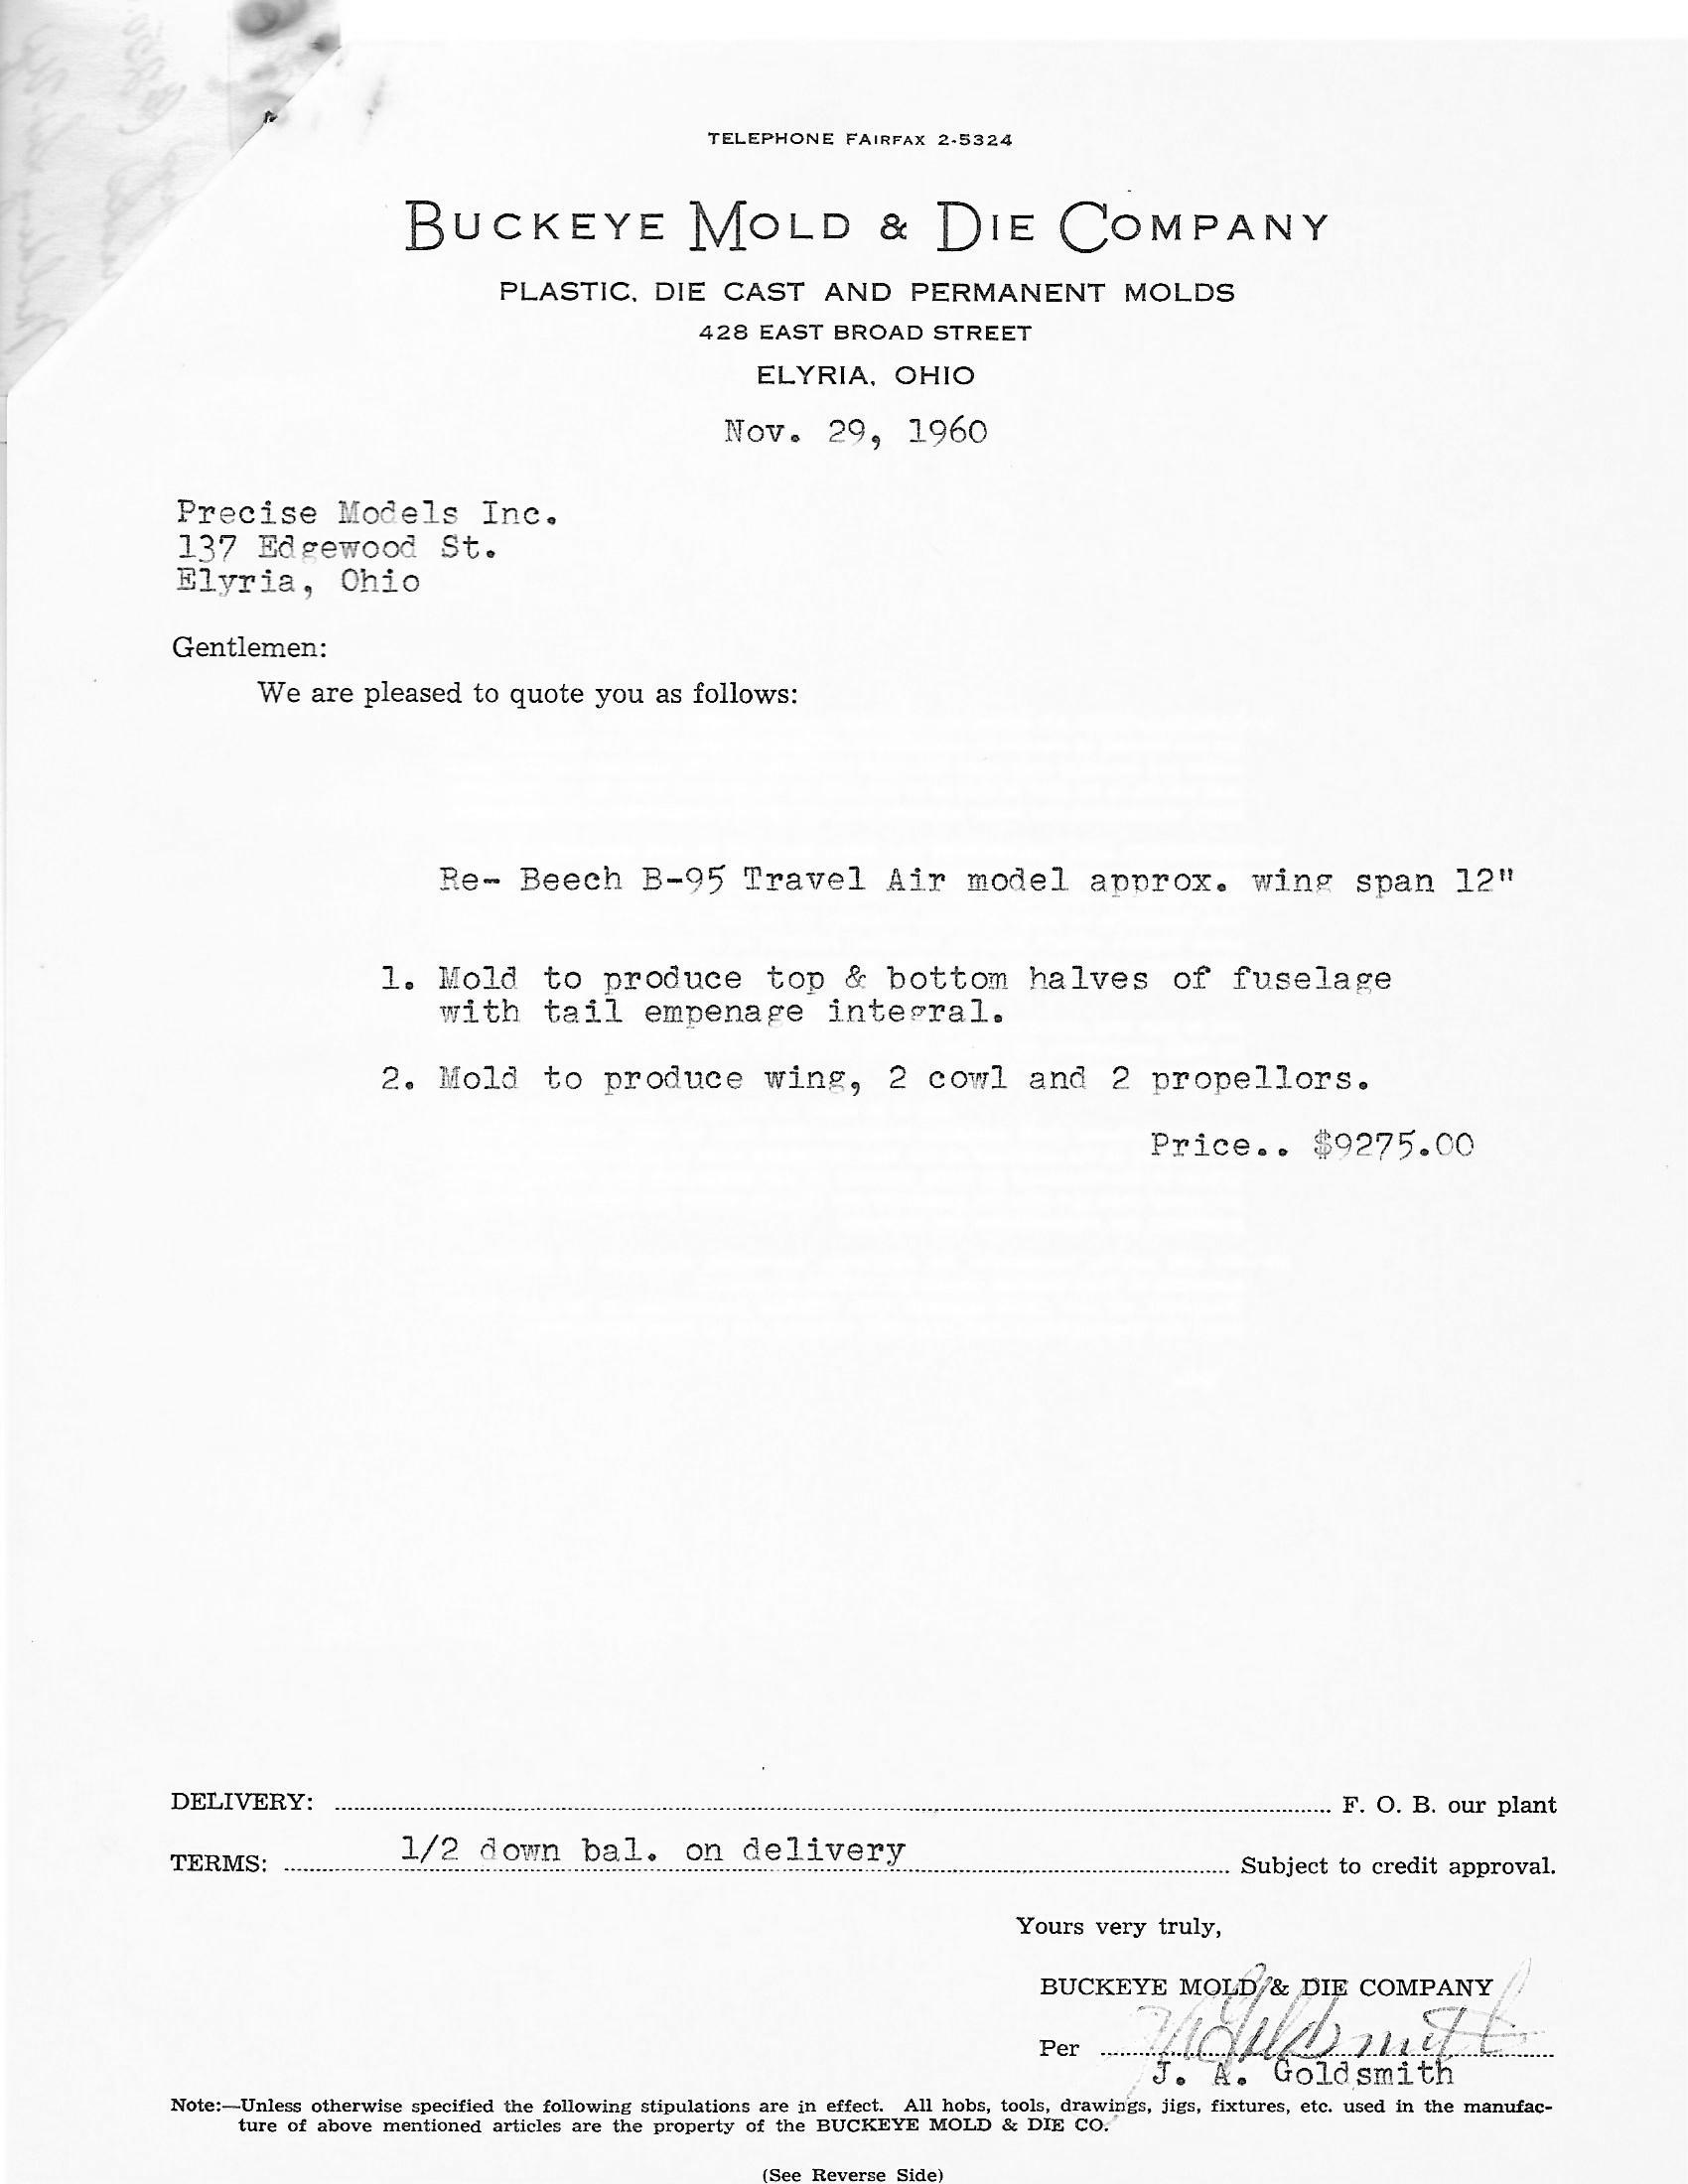 Beech B-95 mold bid